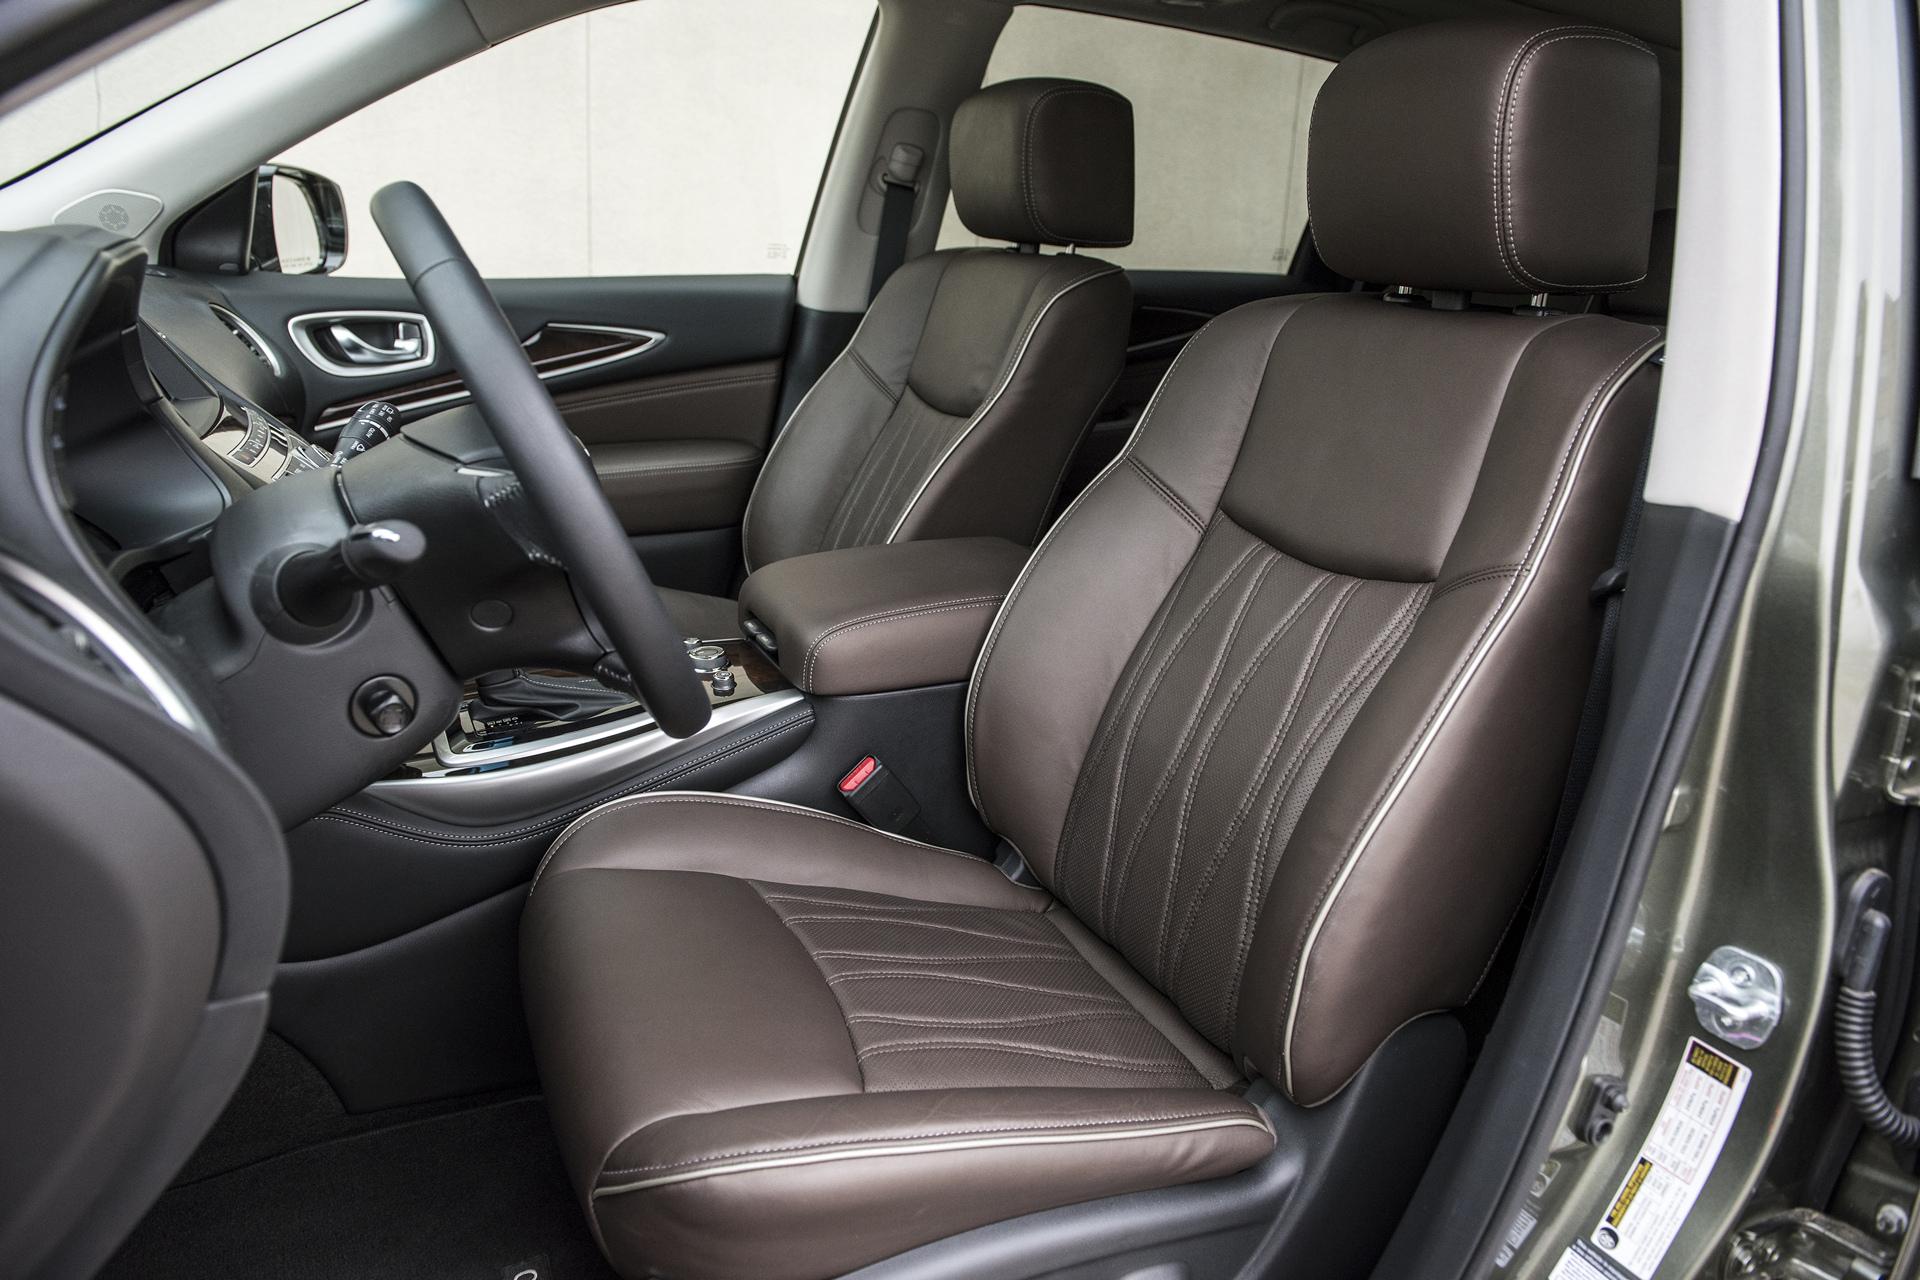 2016 Infiniti QX60 © Nissan Motor Co., Ltd.